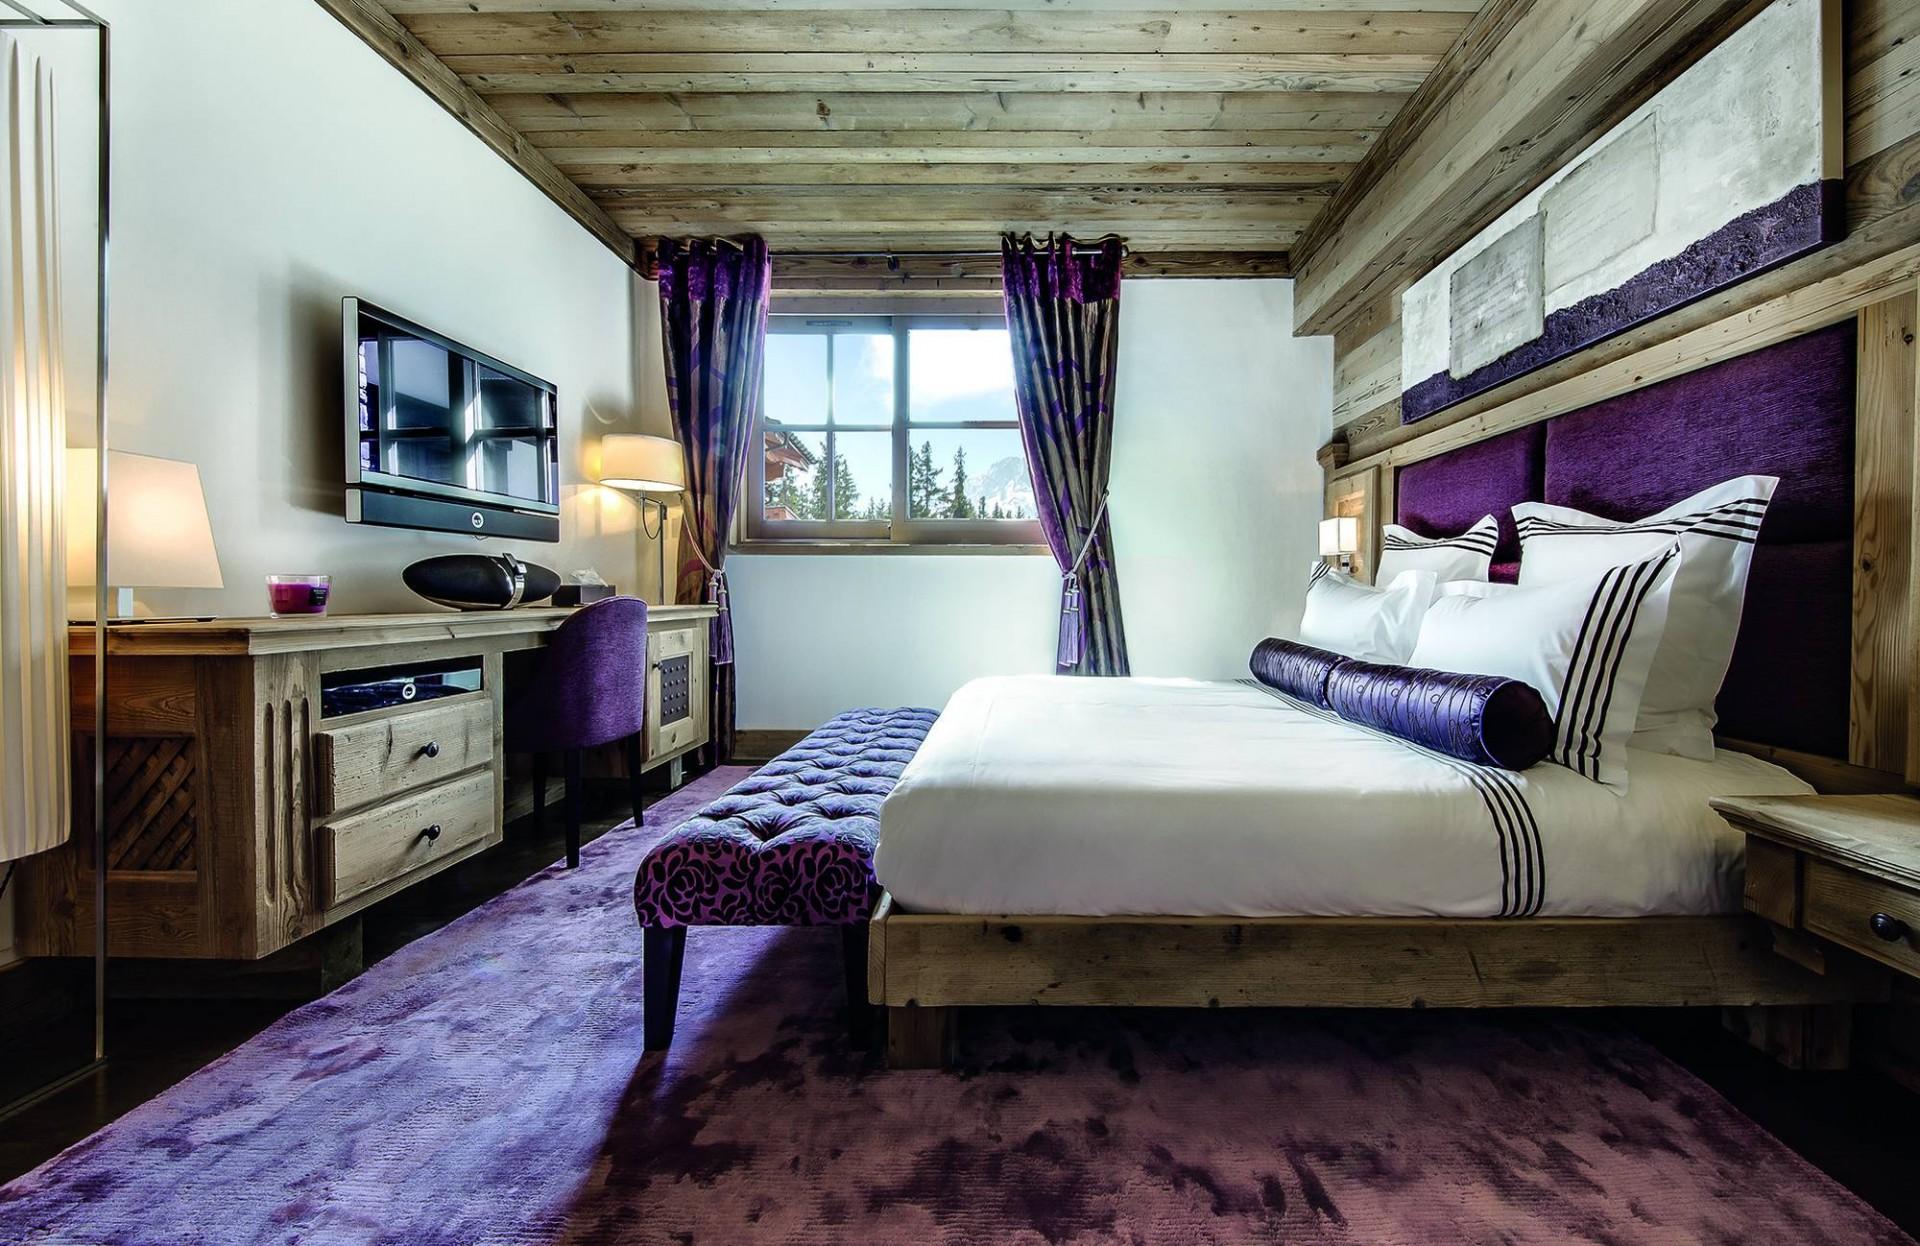 Courchevel 1850 Luxury Rental Chalet Bepalite Bedroom 3